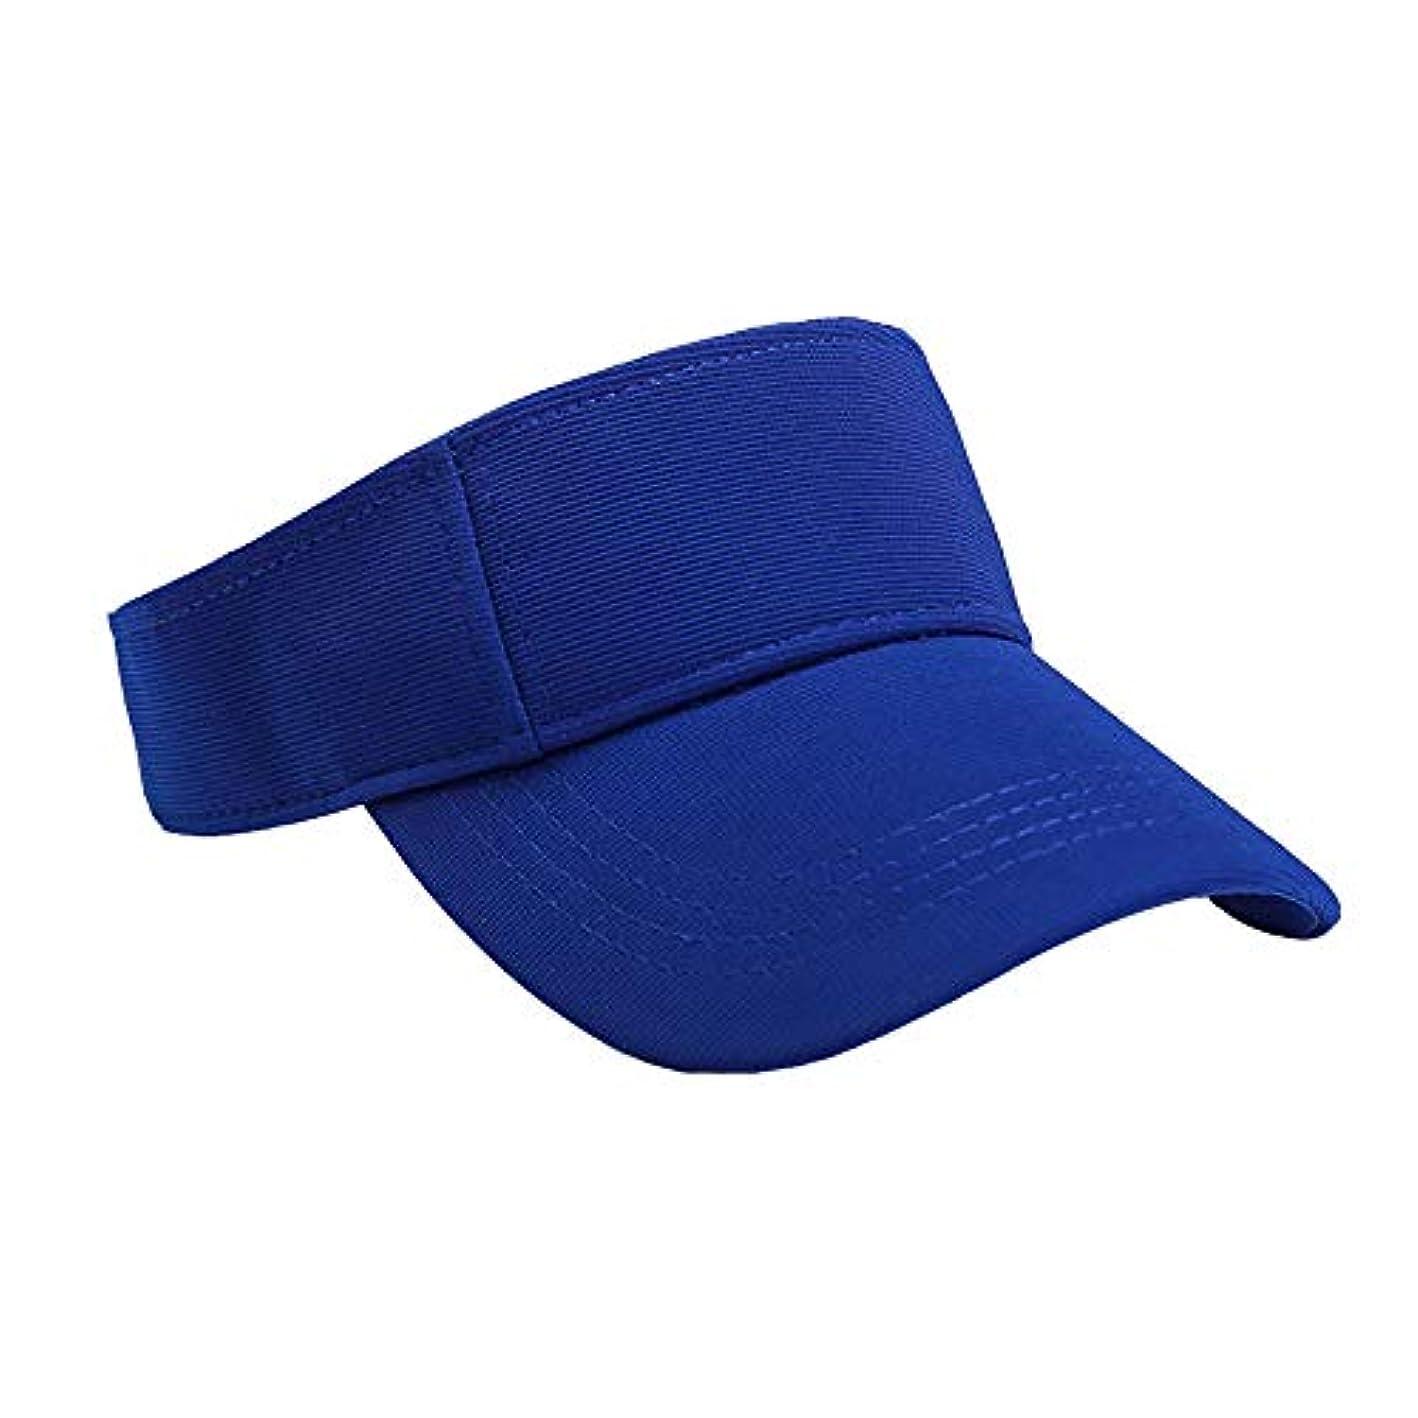 激しいスクラップモバイルMerssavo ユニセックスサマースポーツキャップ、サン帽子レディーステニスゴルフバイザーメッシュ野球帽、調節可能な屋外オープントップヘッドトラベルハイキング帽子、ブルー